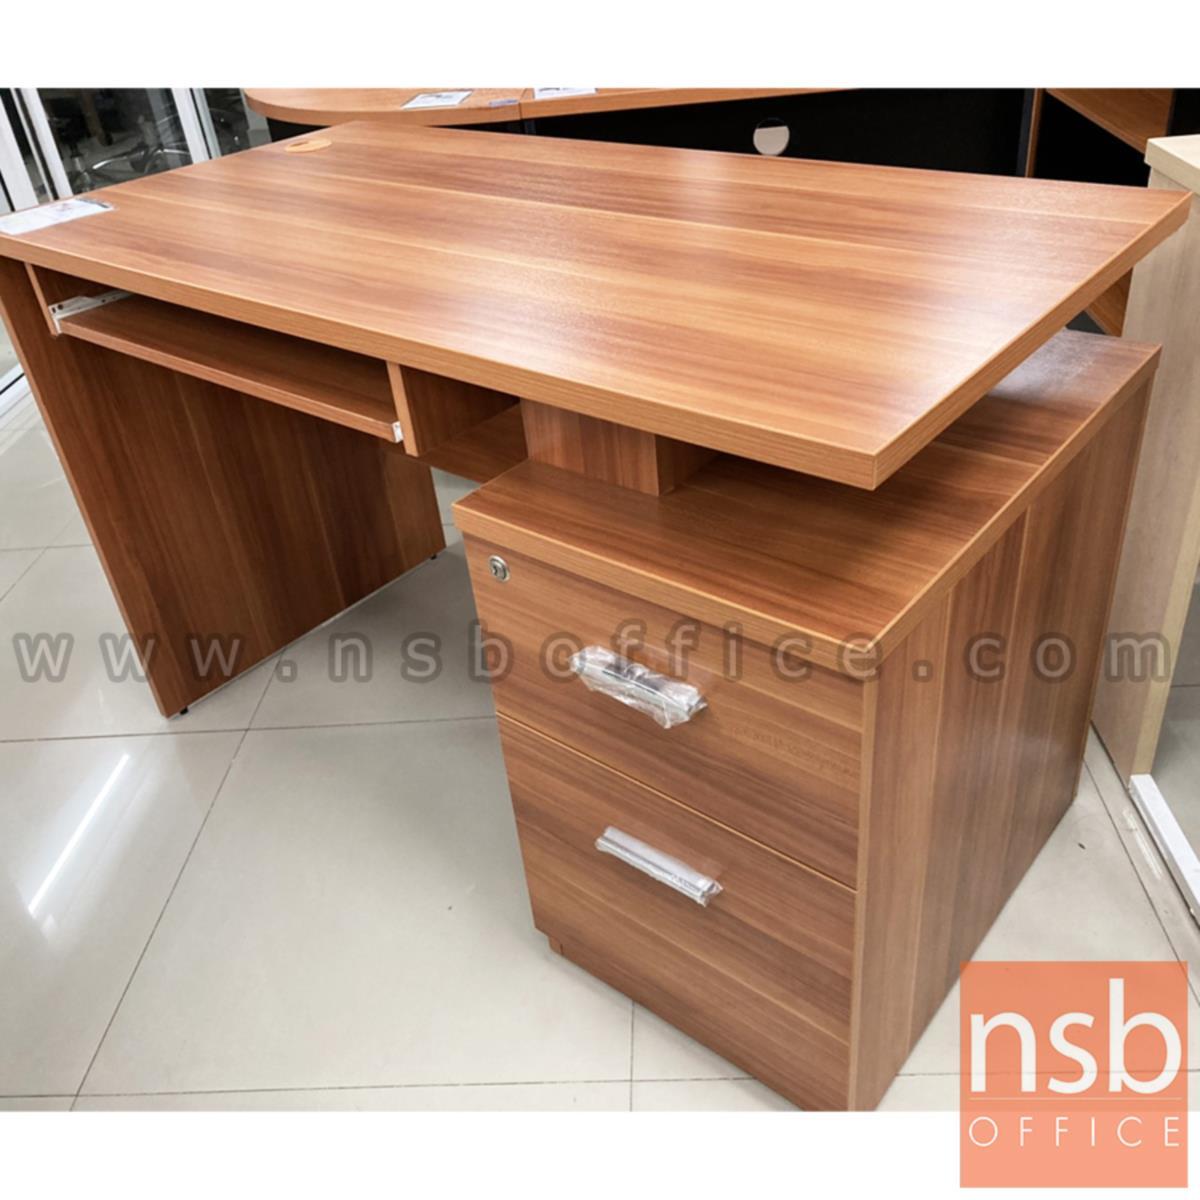 โต๊ะทำงาน 2 ลิ้นชัก รุ่น VARIOUS-2 ขนาด 120W,135W,150W,160W*(60D, 75D, 80D) cm. เมลามีน